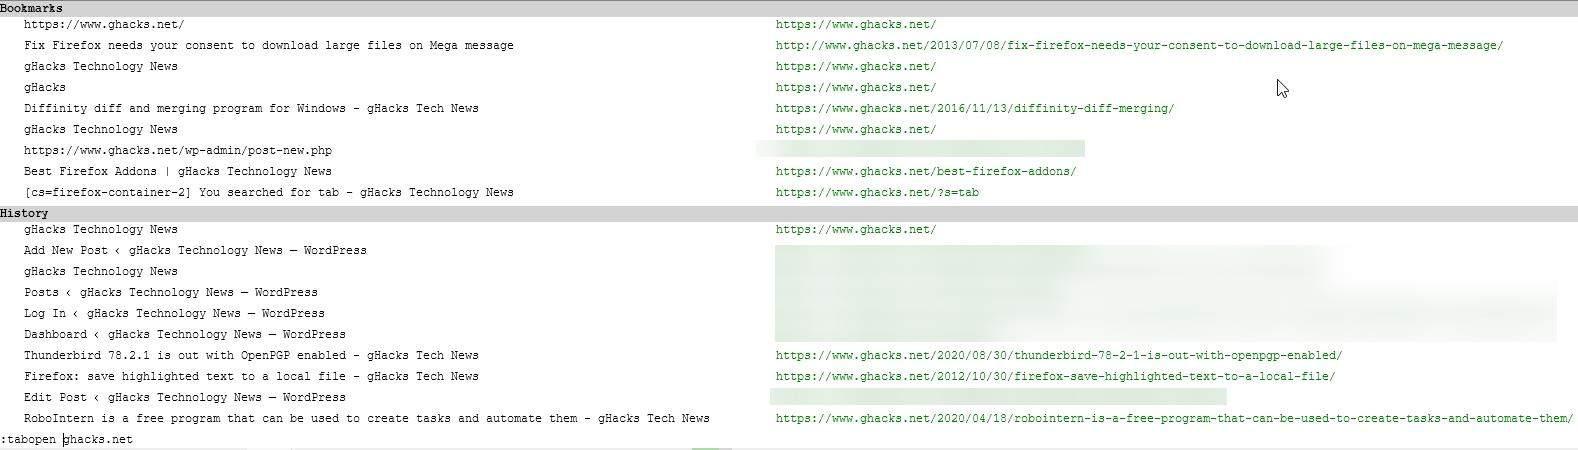 Vim Vixen console open url in a new tab